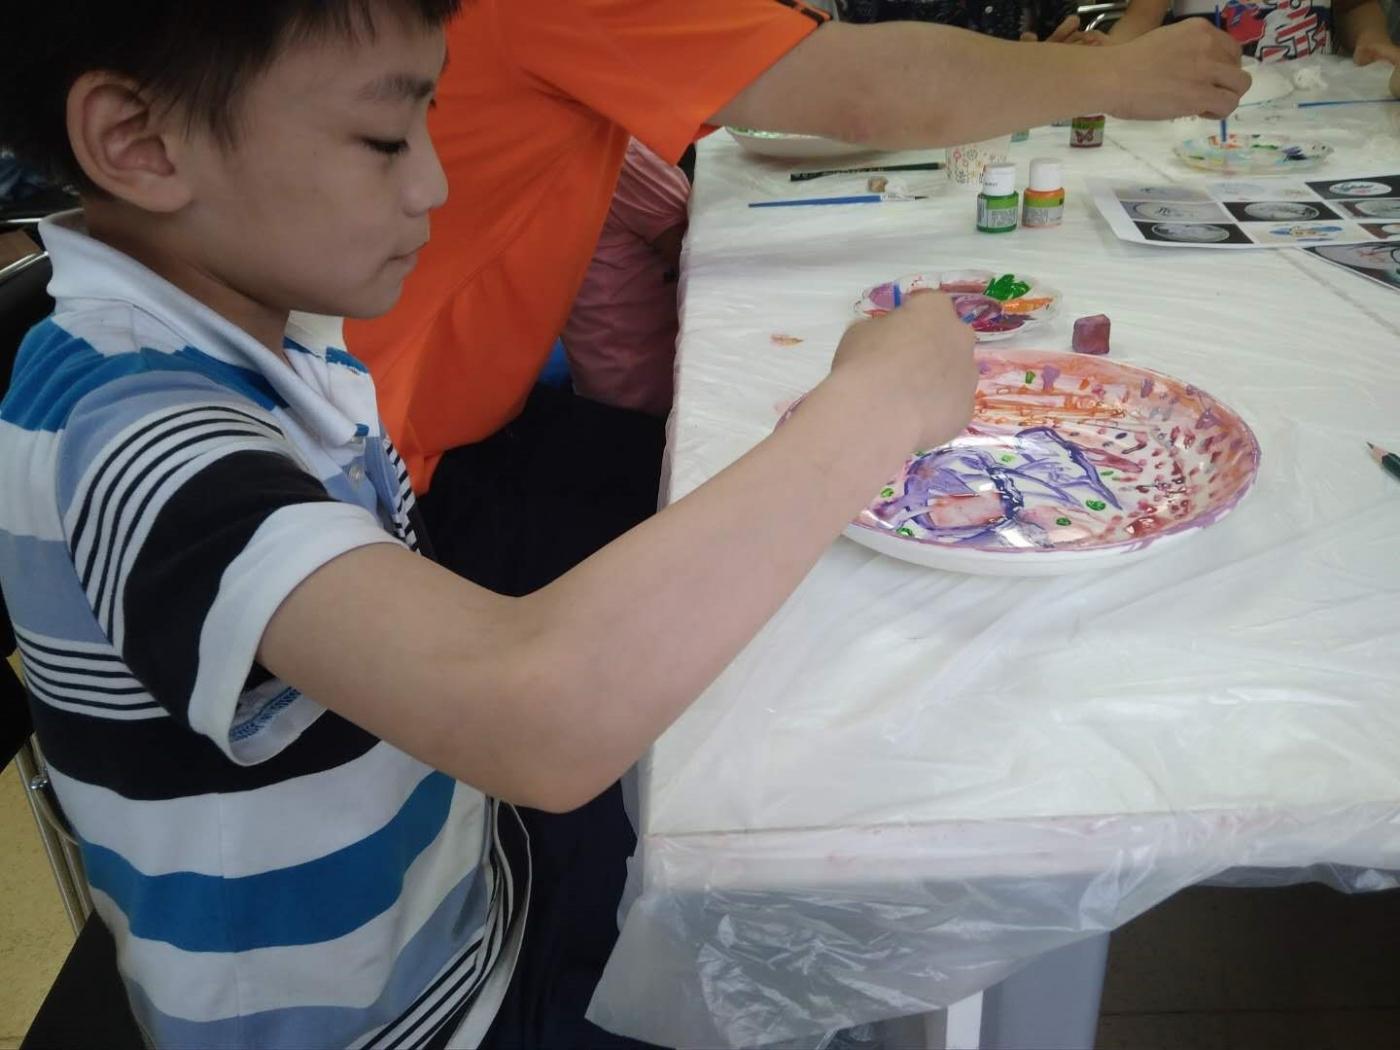 瓷盘彩色绘画_图1-4